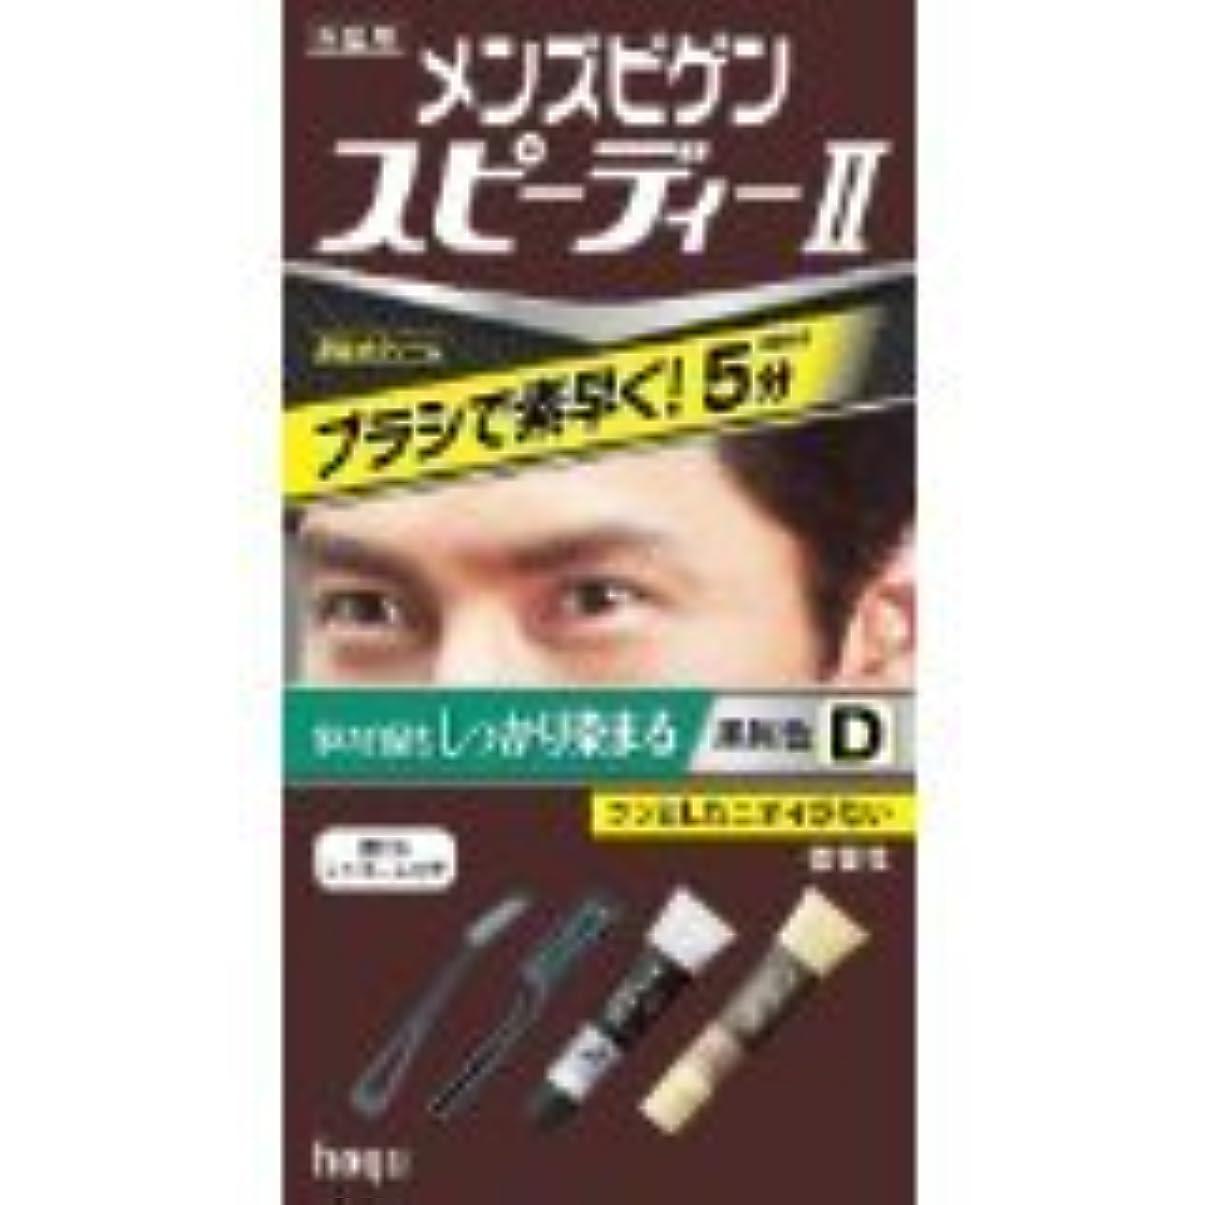 話オプション口ひげメンズビゲン スピーディーⅡ (D 黒褐色)×12個